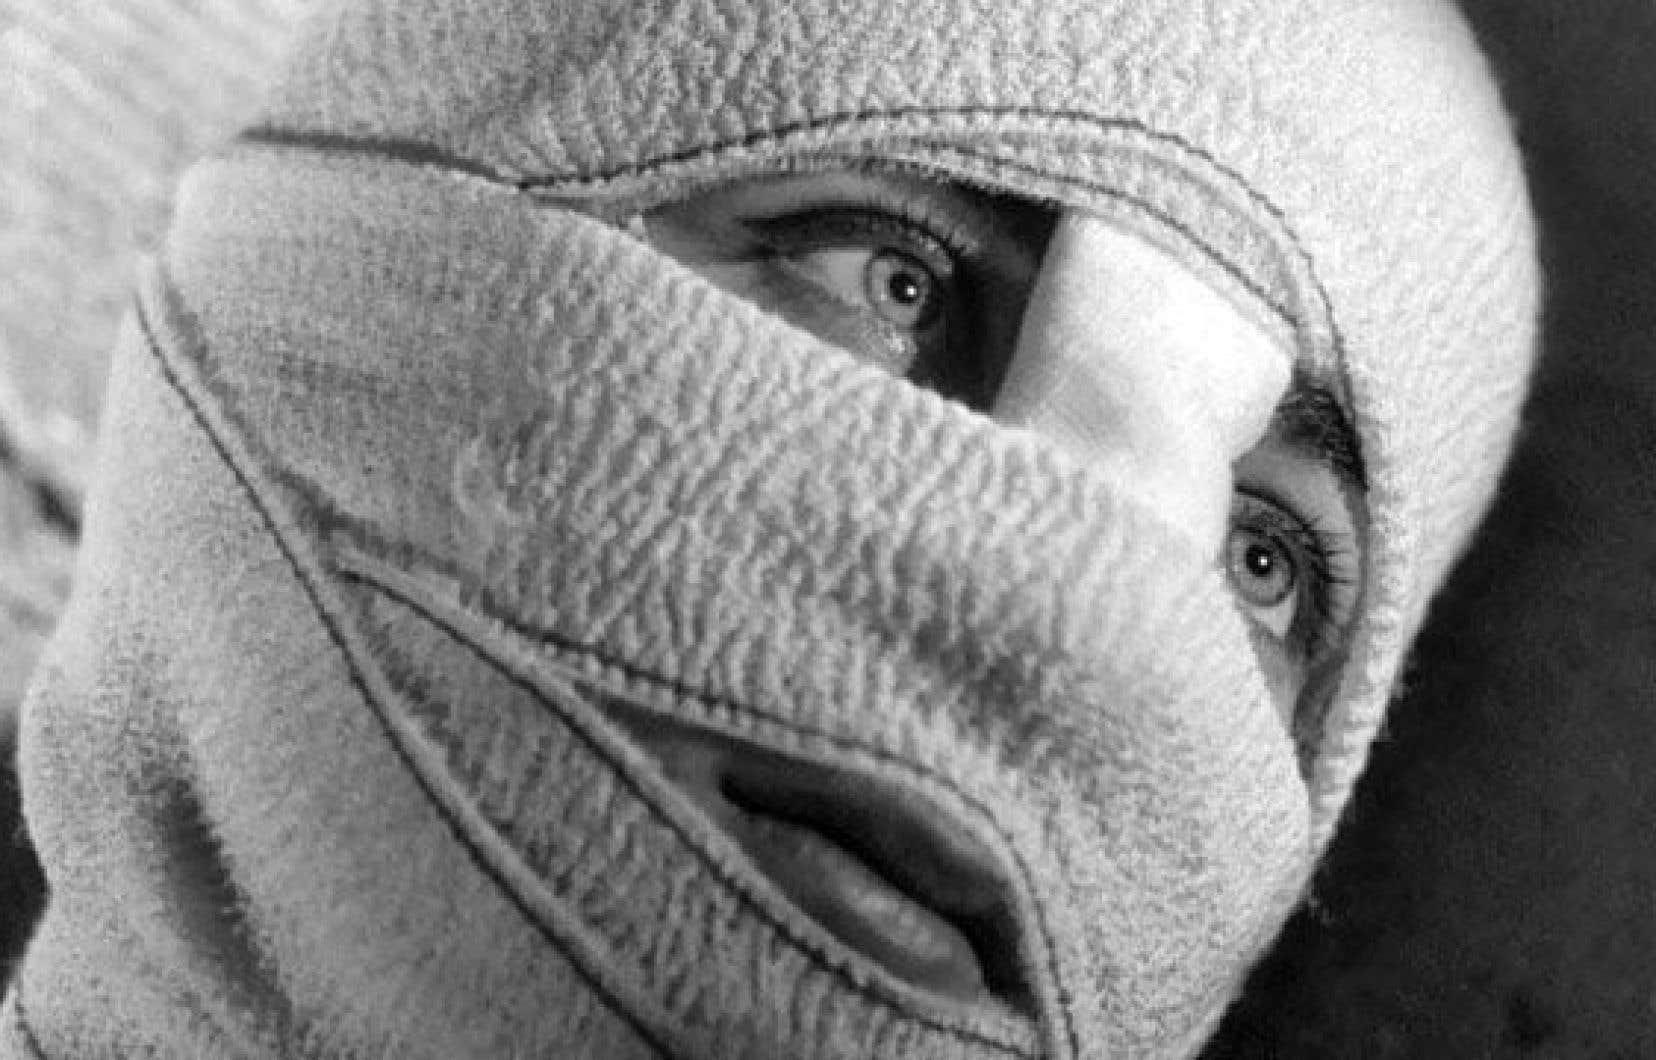 Une image tirée du film de Georges Franju Les yeux sans visage, 1960